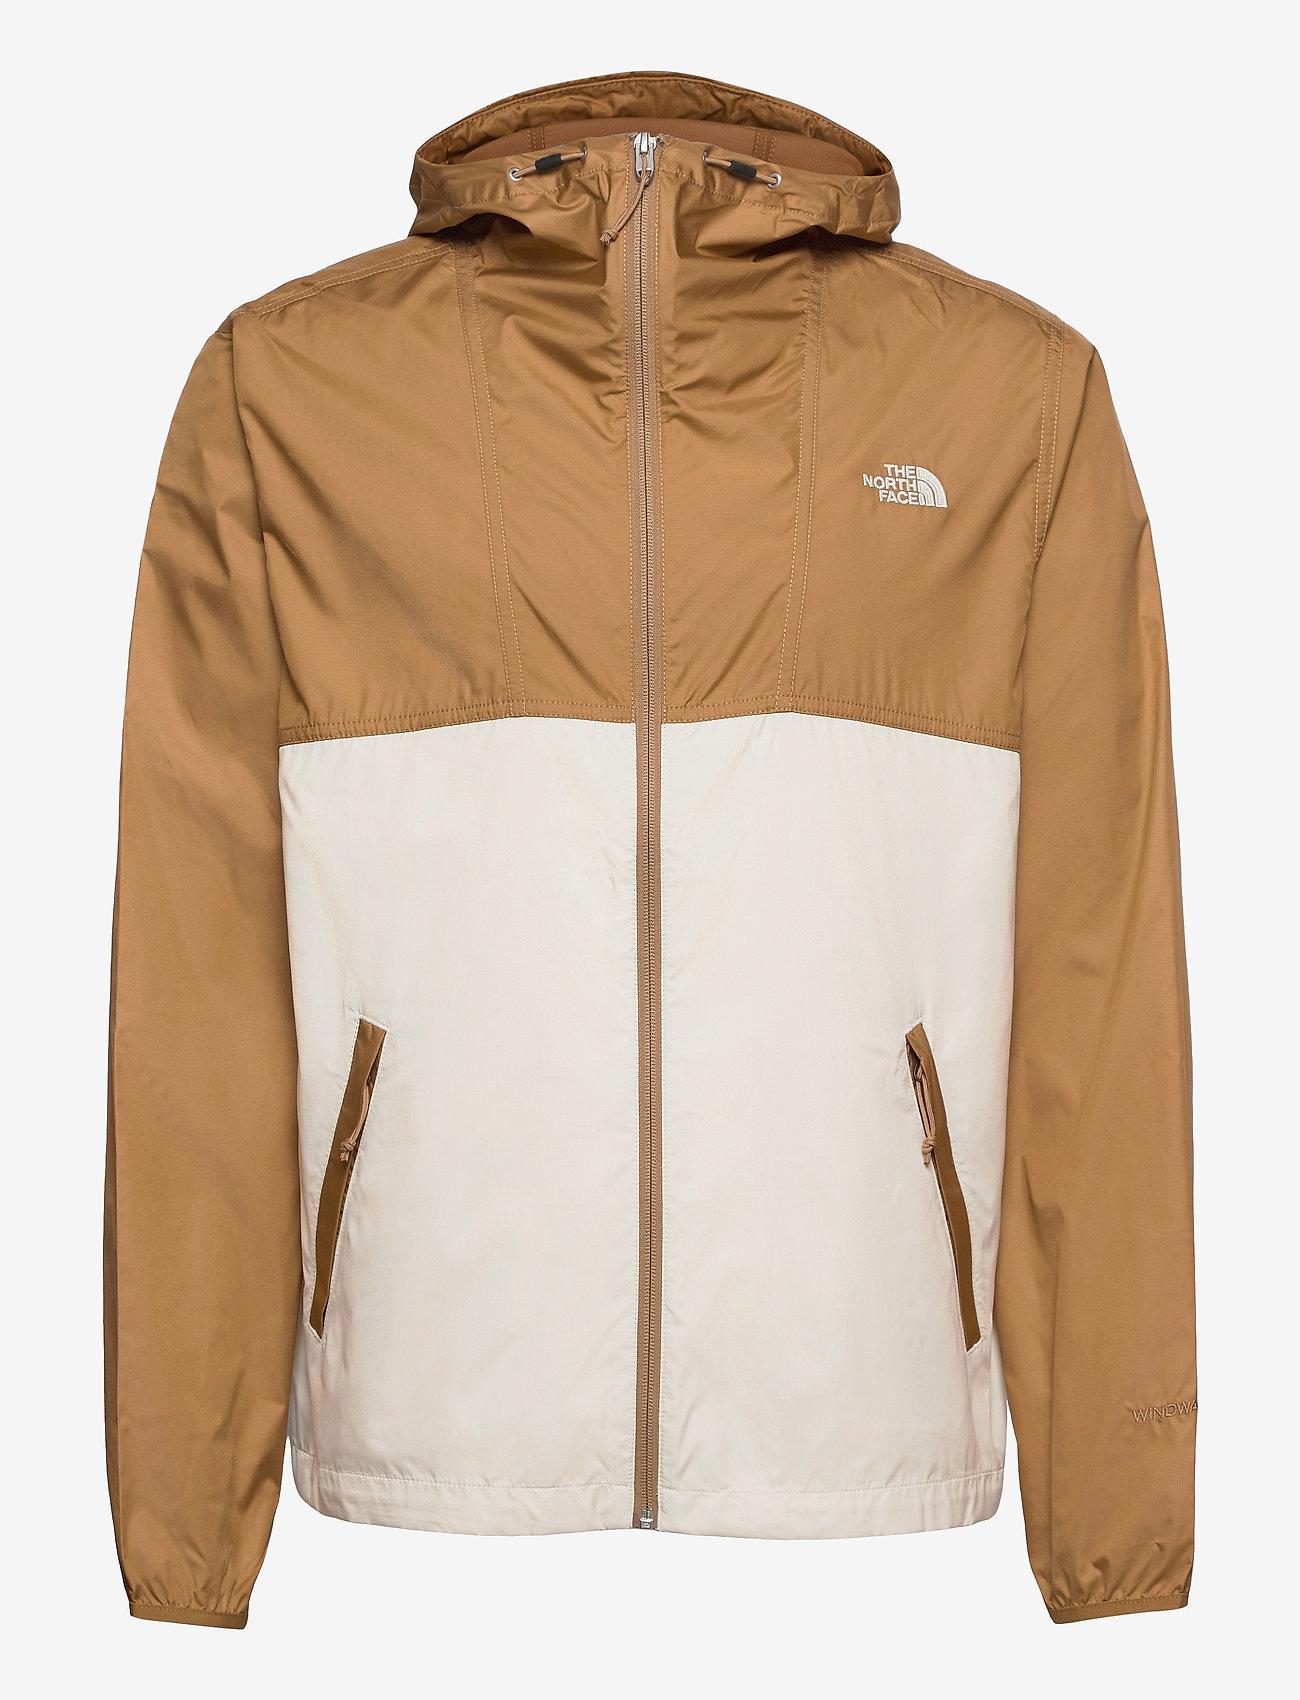 The North Face - M CYCLONE JACKET - vestes d'extérieur et de pluie - utility brown-vintage white - 0